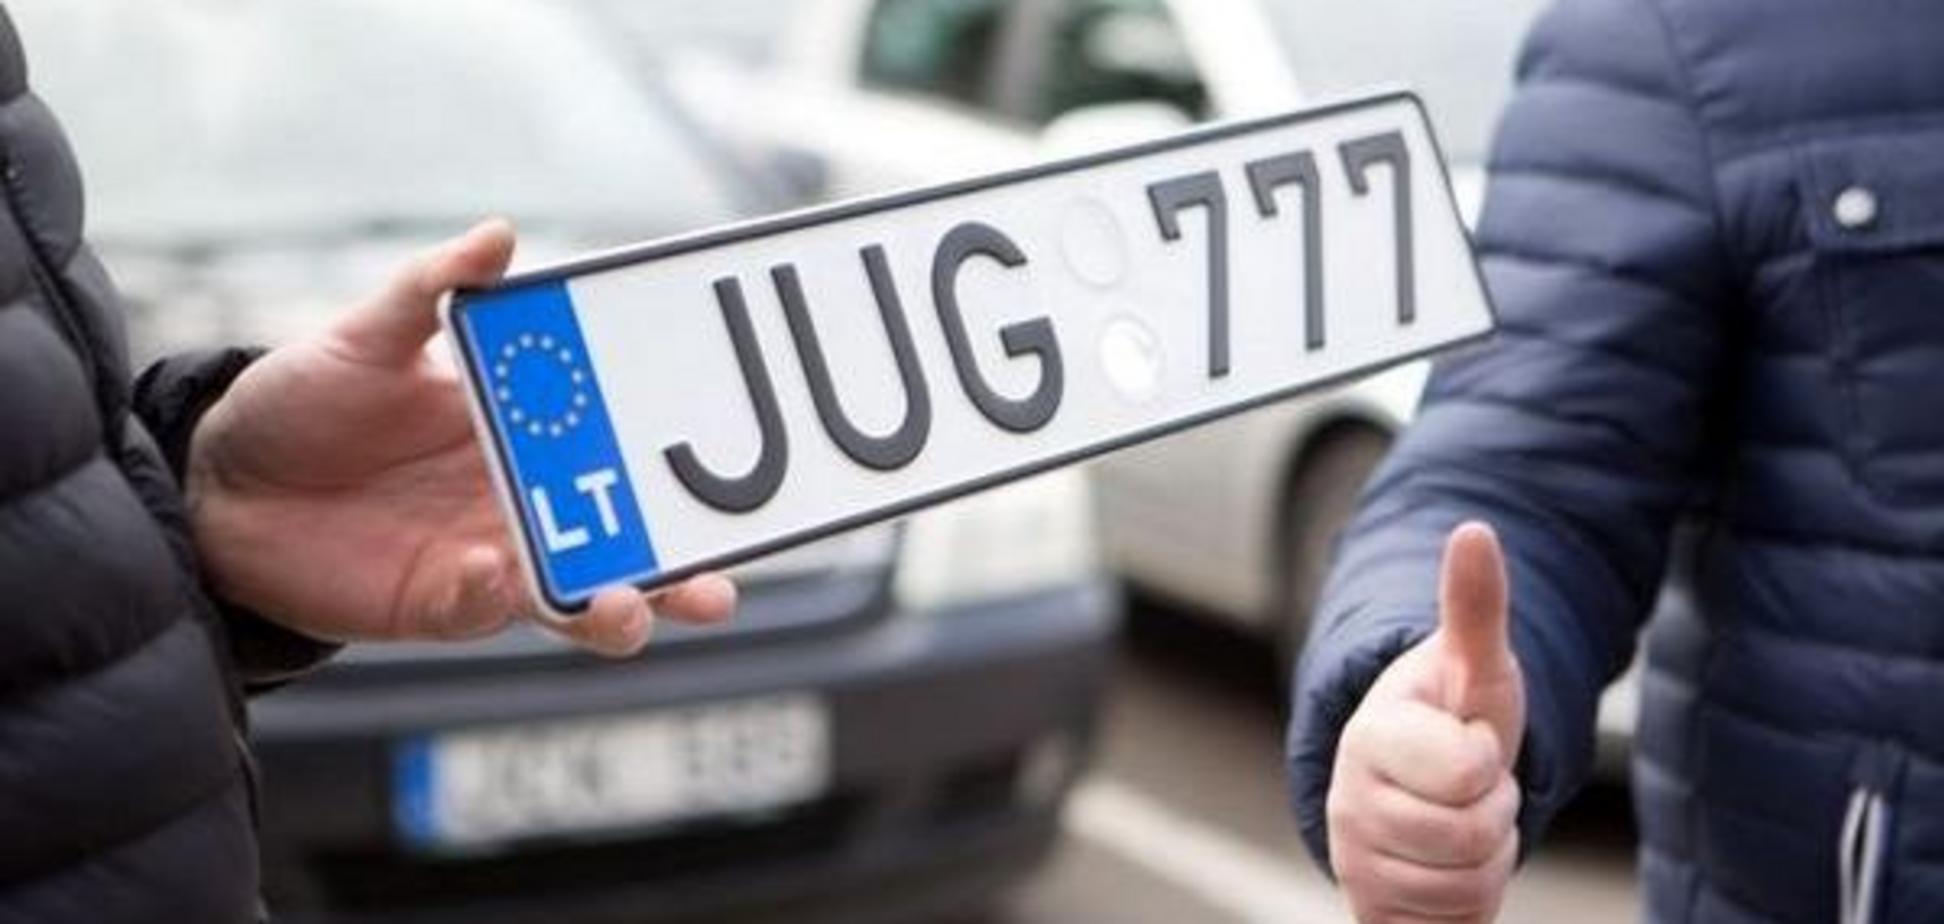 Закон о евробляхах: машины наконец-то подешевеют!